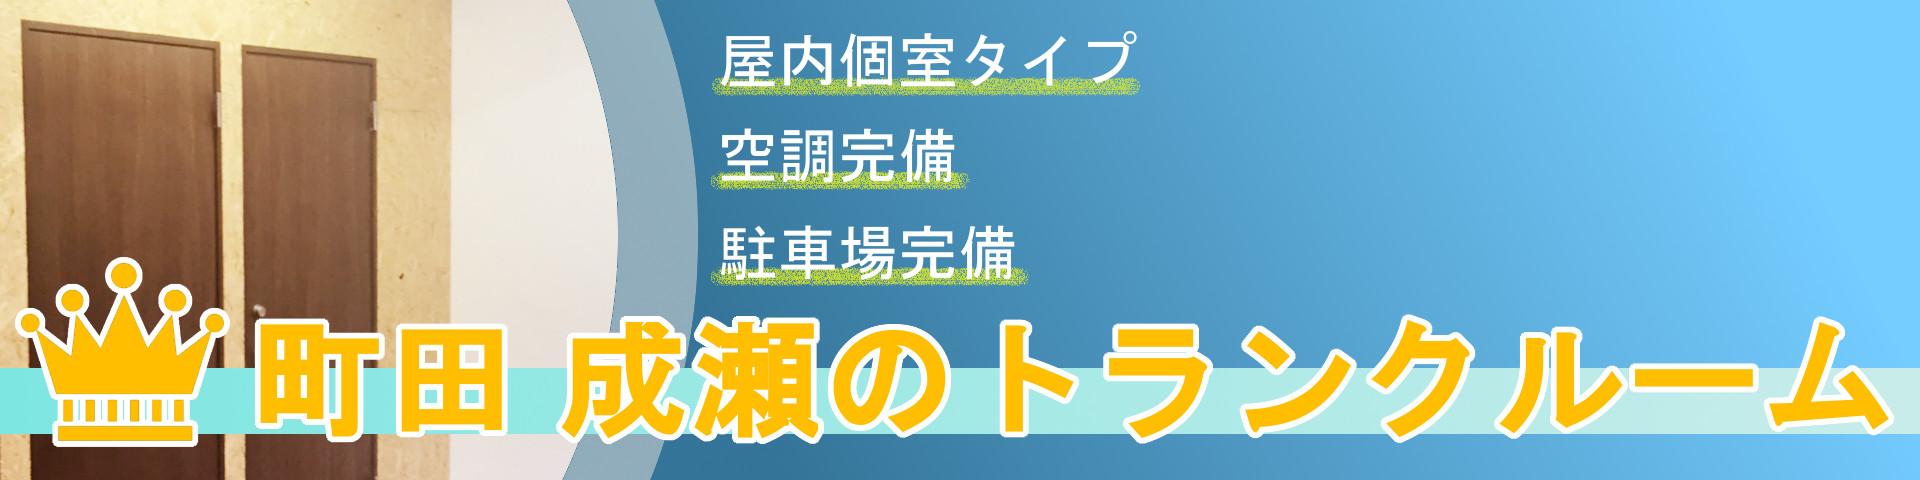 町田・成瀬のトランクルーム